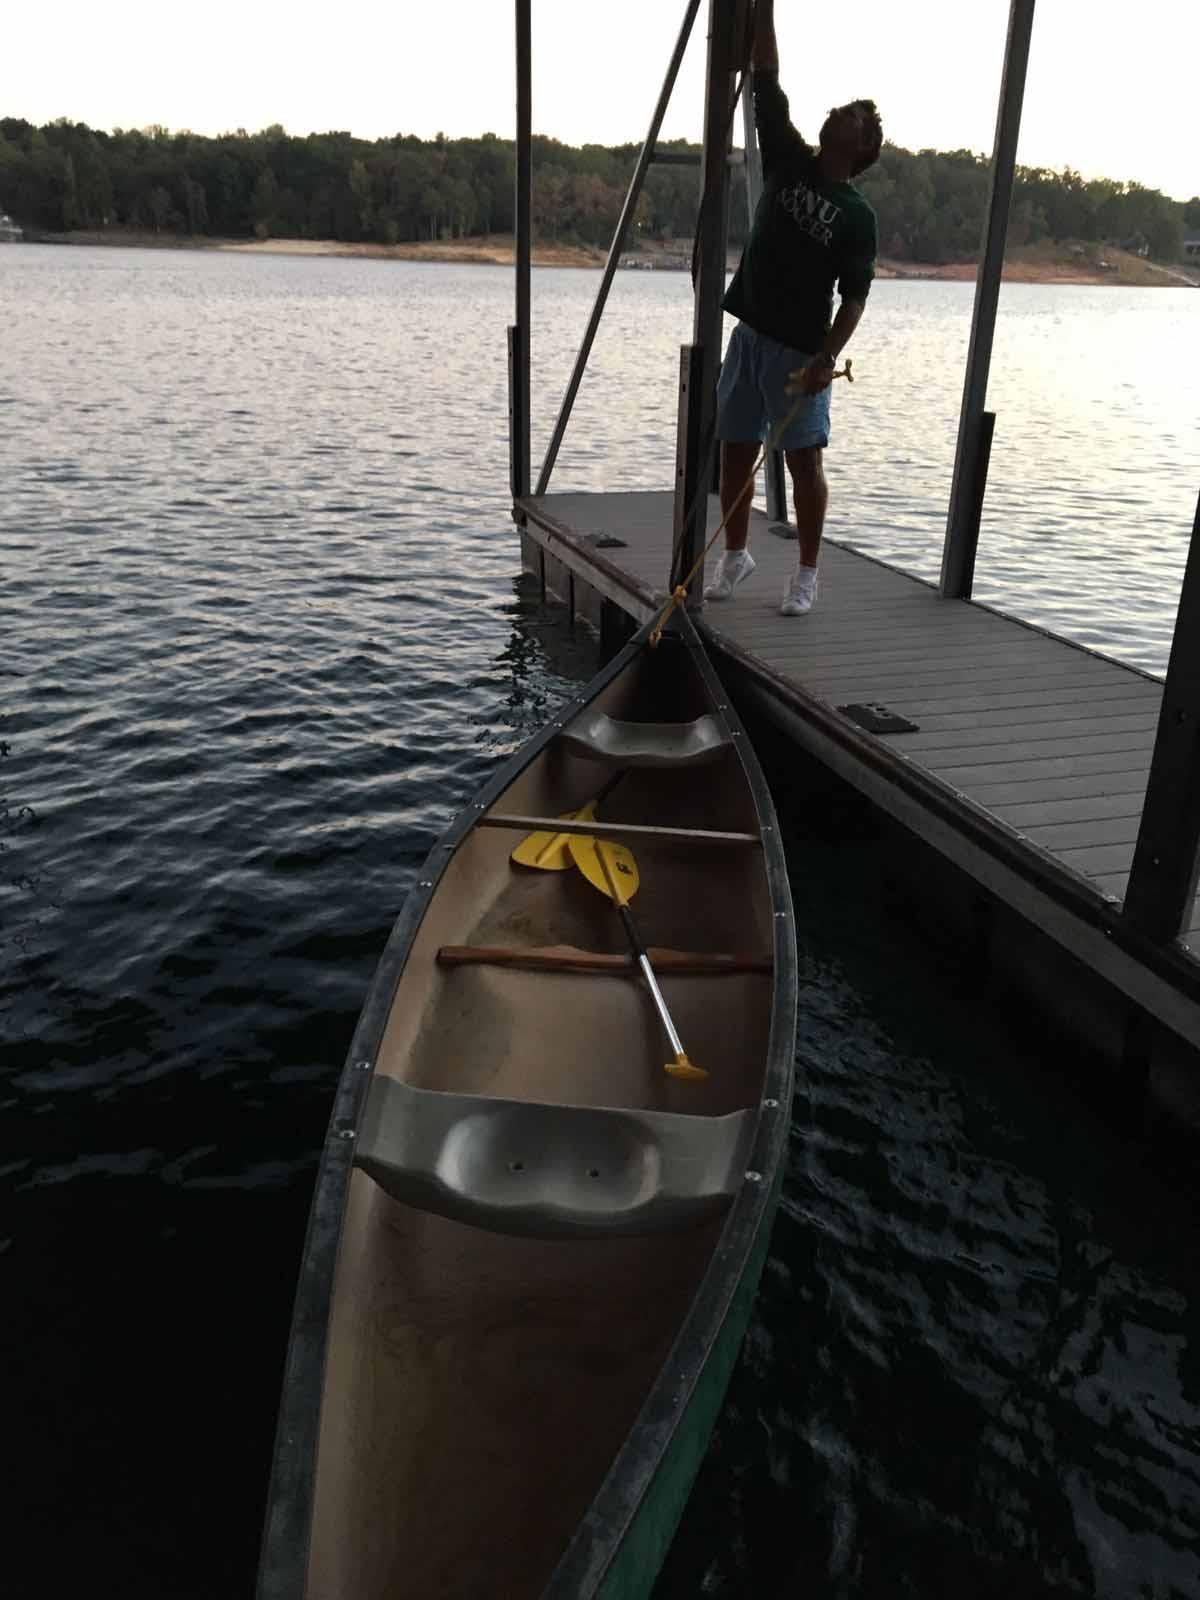 Coach Fernando getting canoe ready